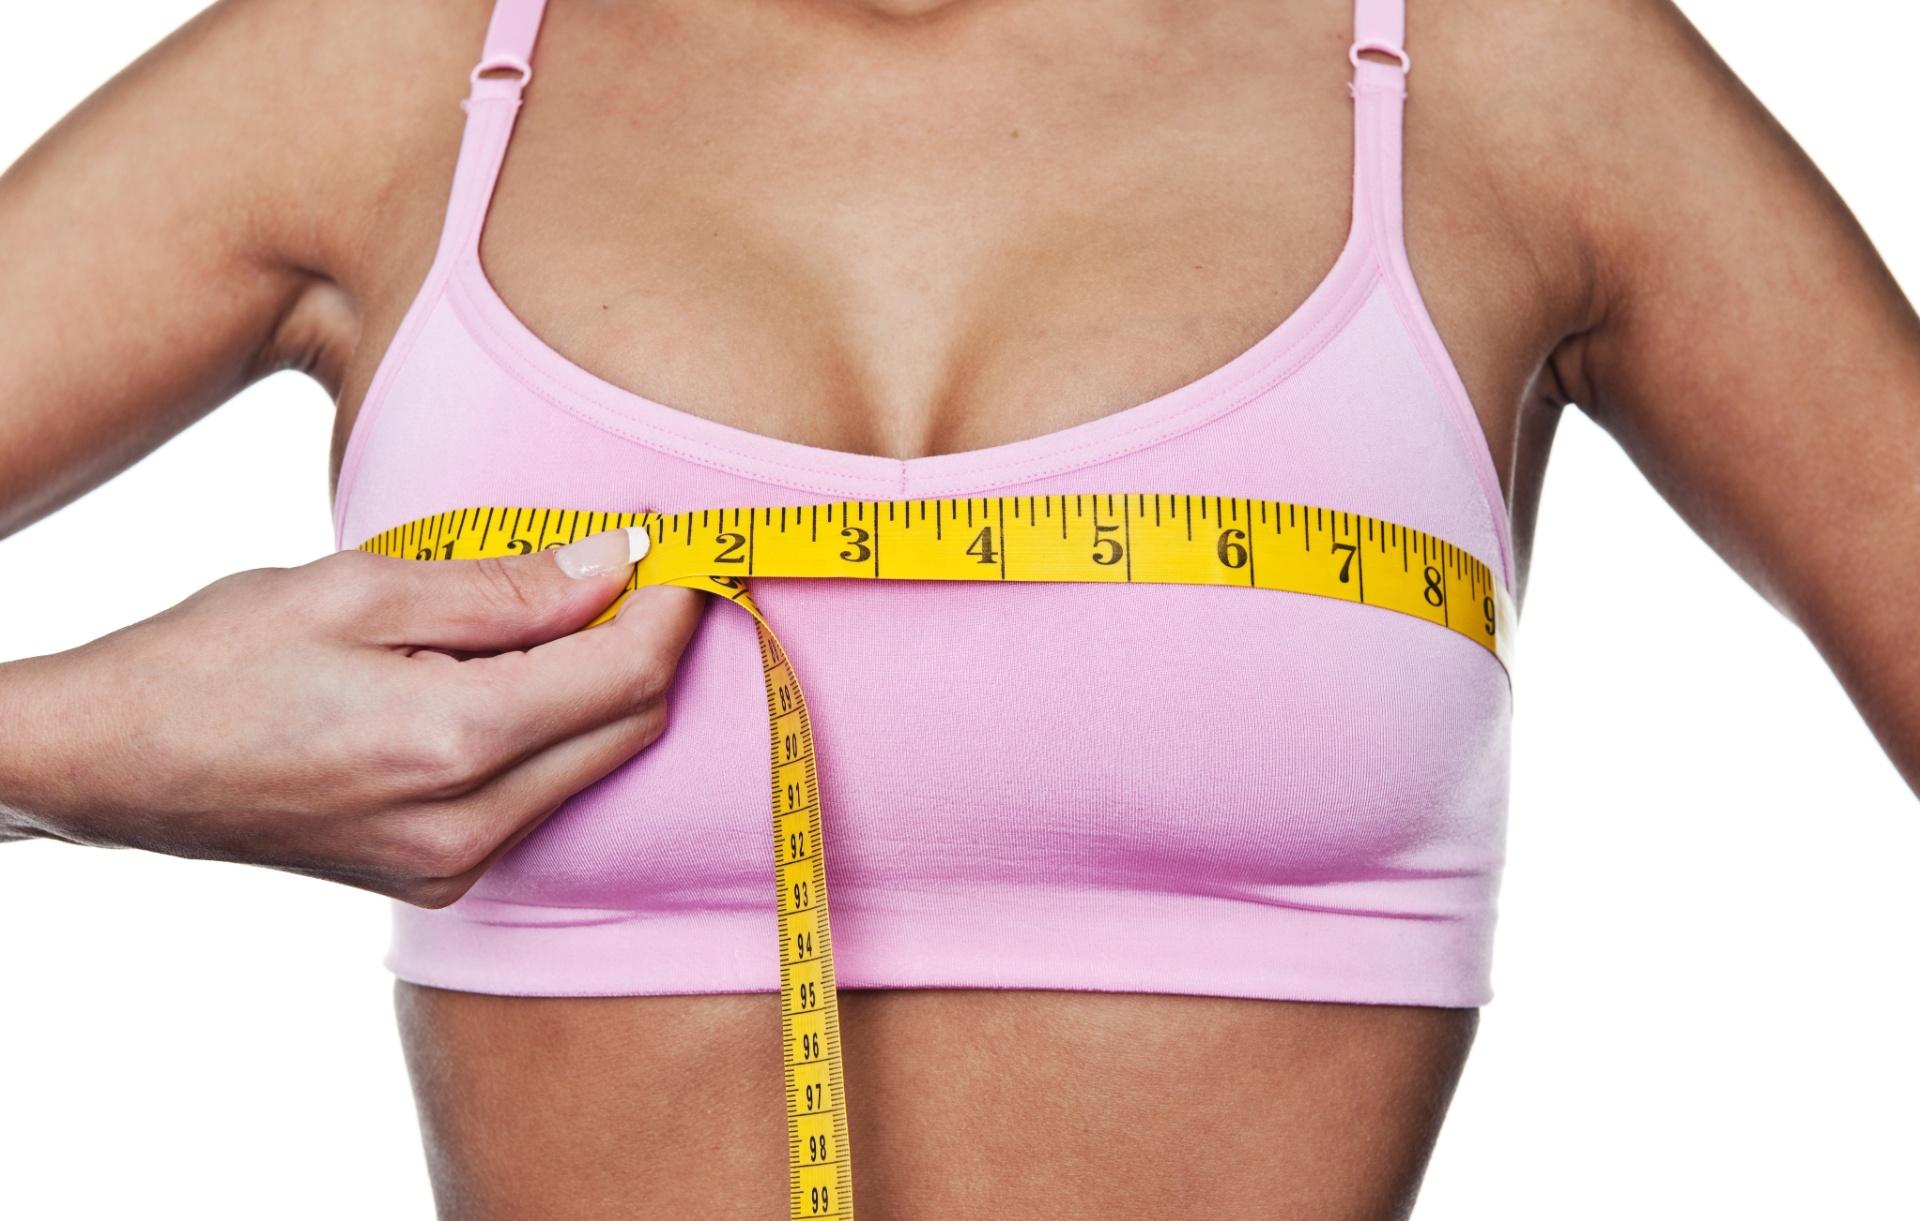 70659257c Vai colocar prótese de silicone nos seios  Veja conselhos para quem está  planejando a cirurgia - 30 04 2012 - UOL Universa